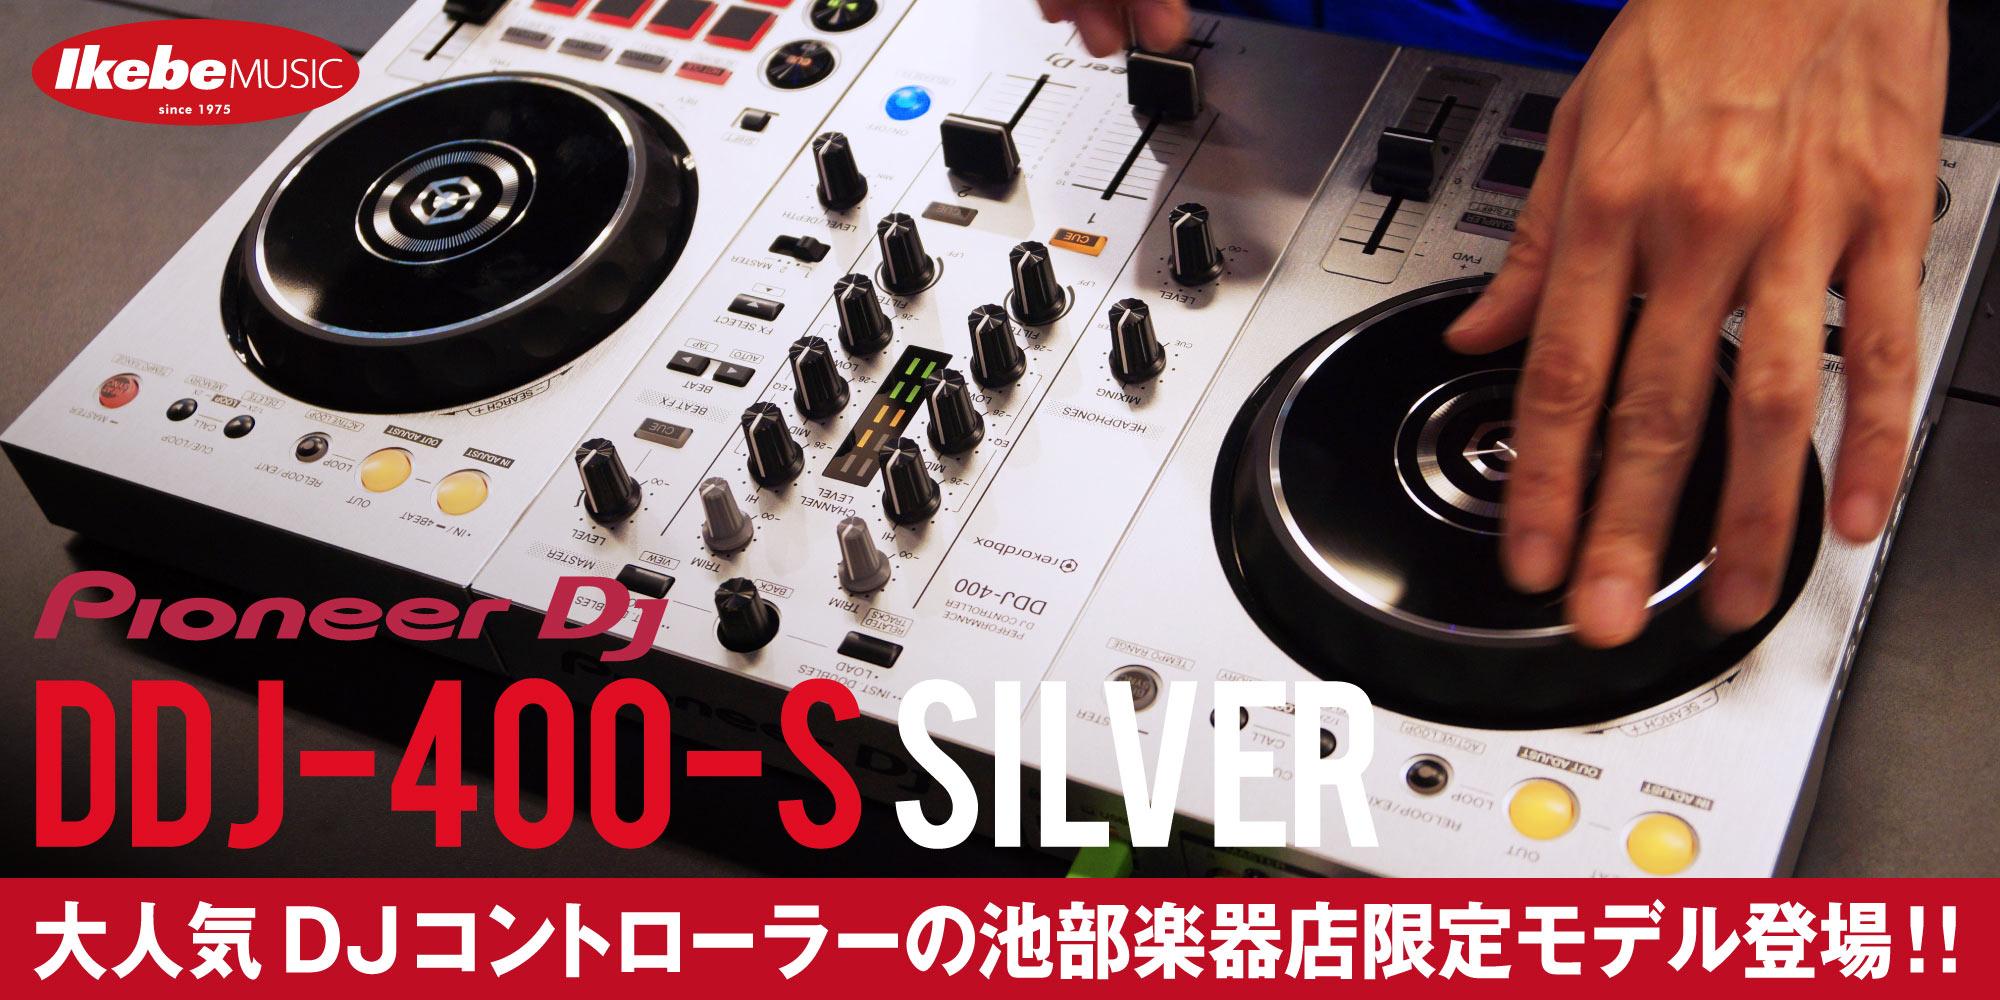 """【販売台数No.1の大人気DJコントローラーPioneer DJ DDJ-400""""シルバー""""が池部楽器店限定モデルとして登場】"""